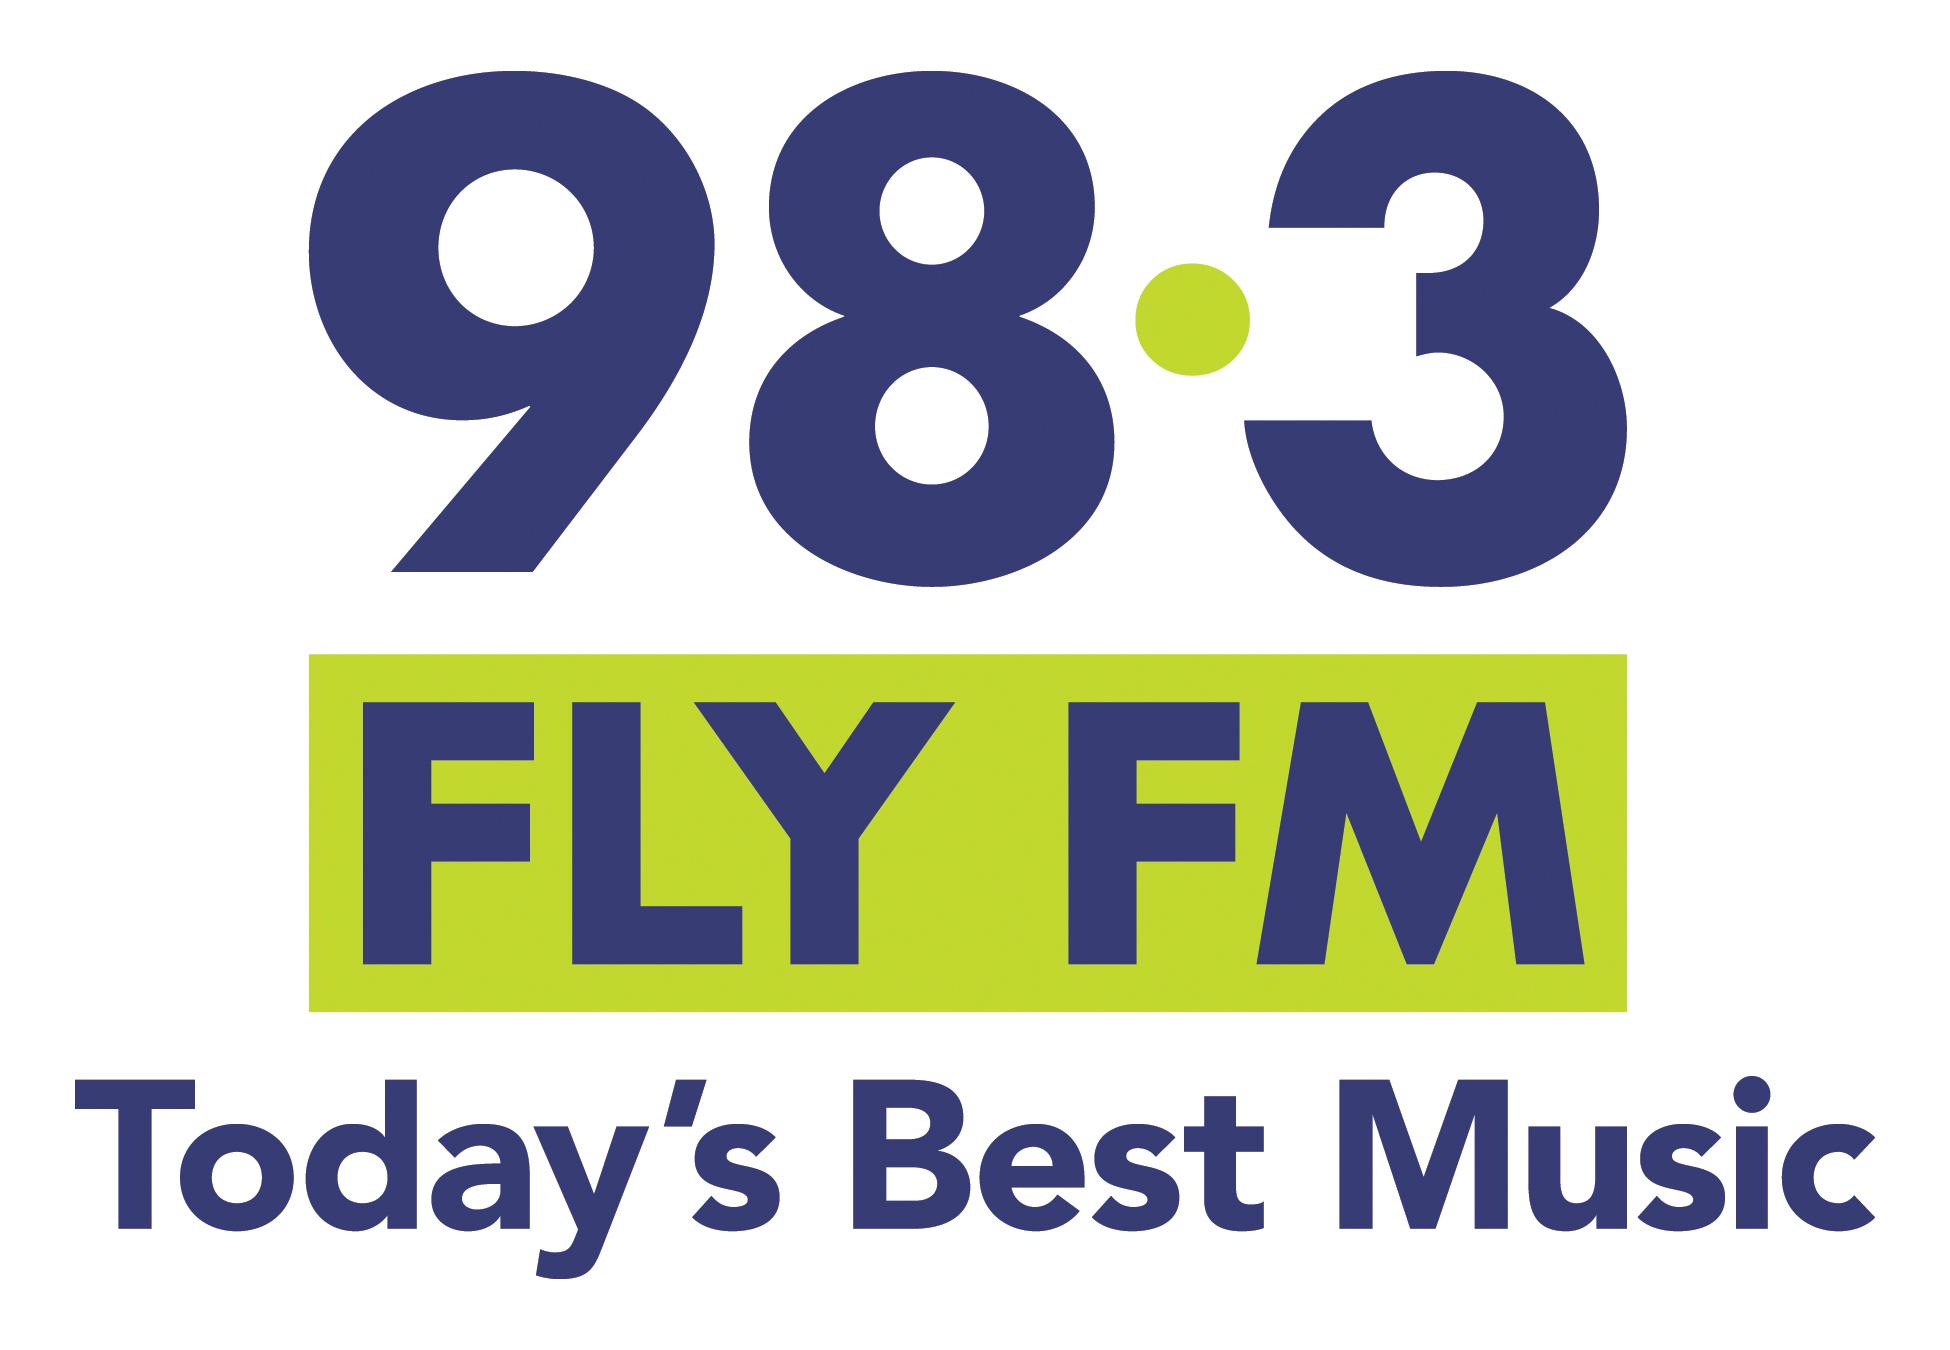 Kingston 98.3 Fly FM Logo